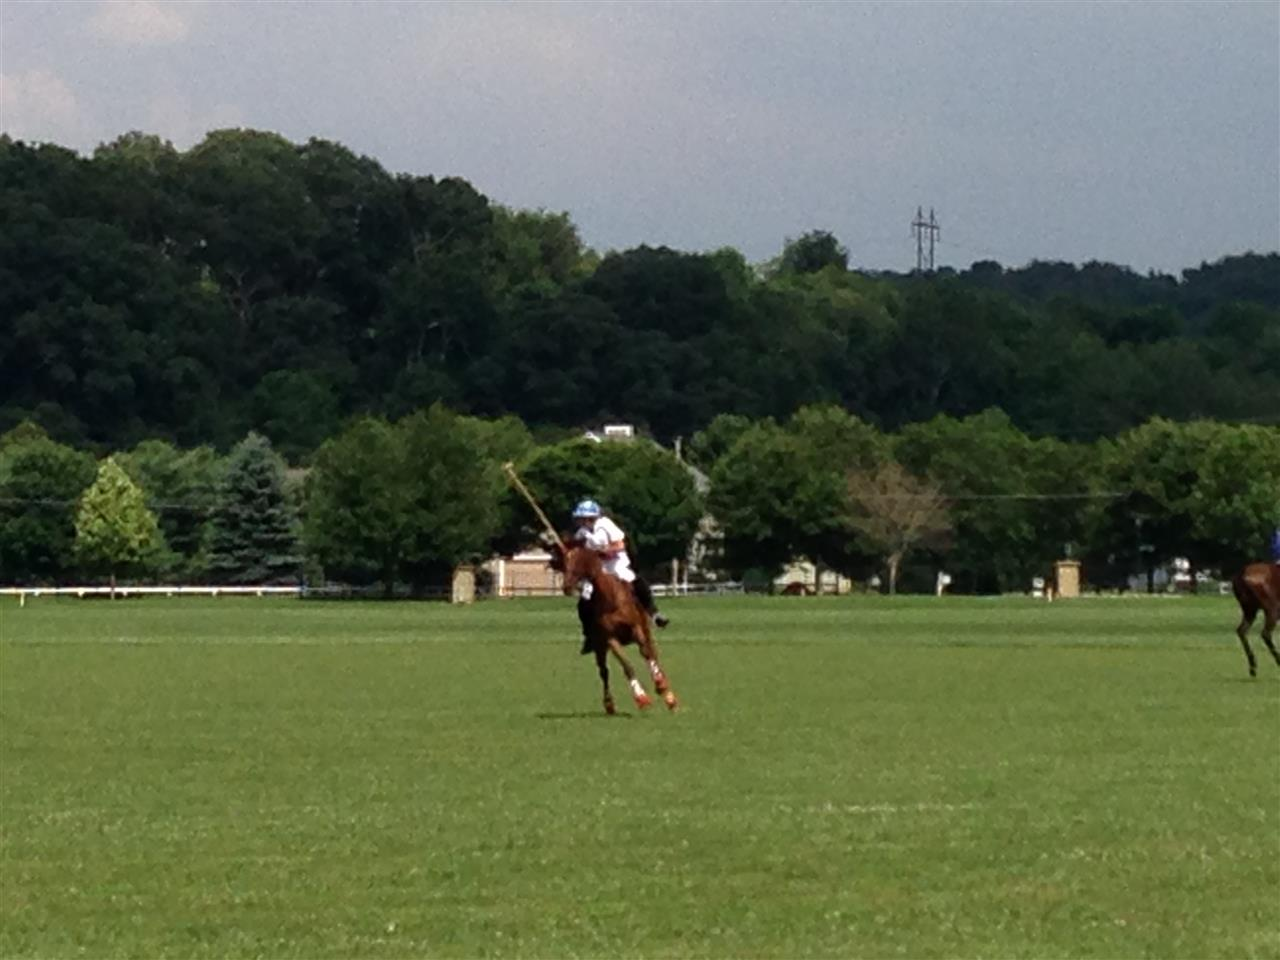 Polo Match, Granville, Ohio